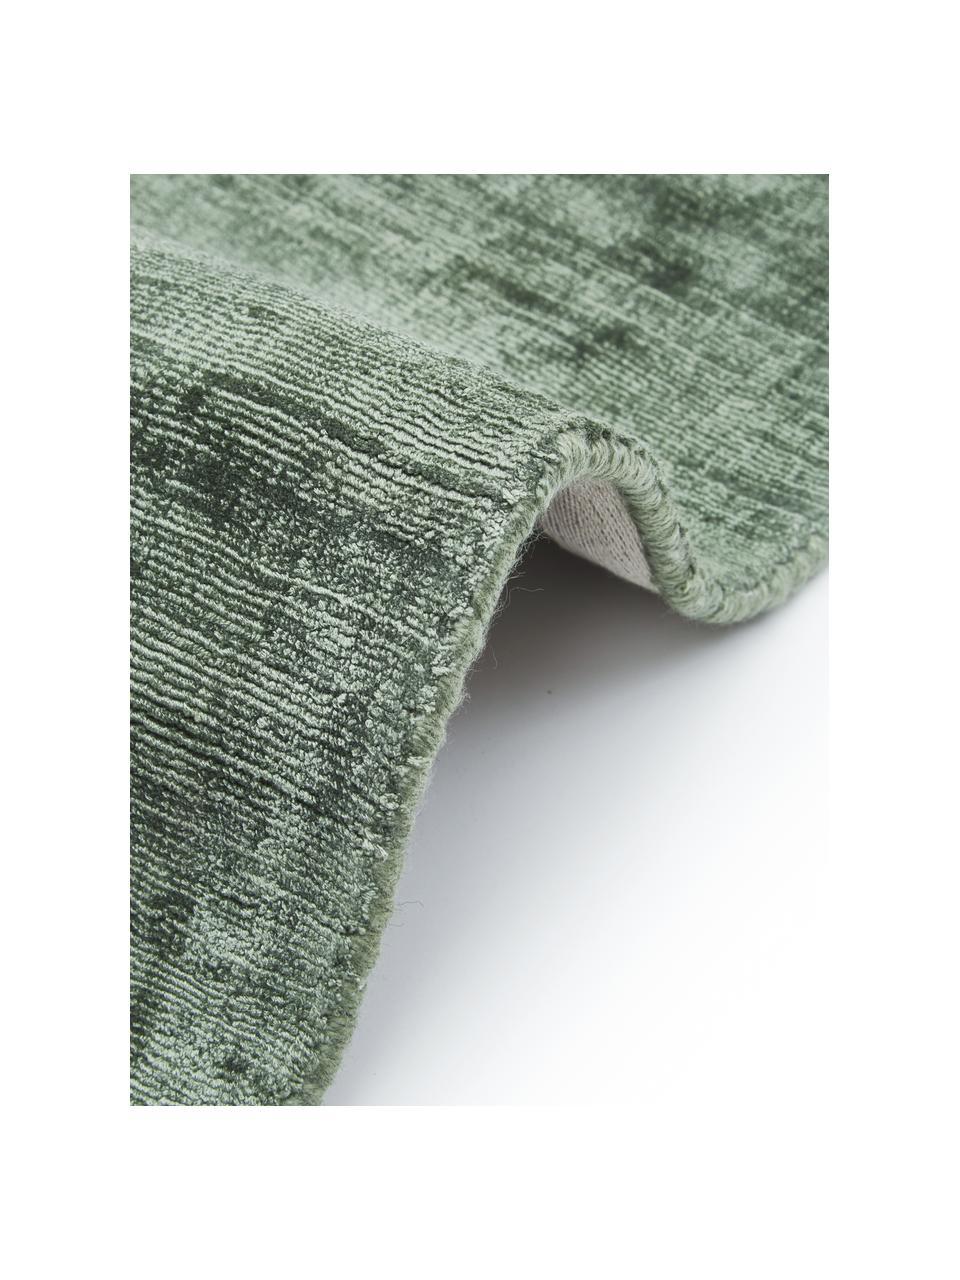 Rond viscose vloerkleed Jane in groen, handgeweven, Bovenzijde: 100% viscose, Onderzijde: 100% katoen, Groen, Ø 200 cm (maat L)